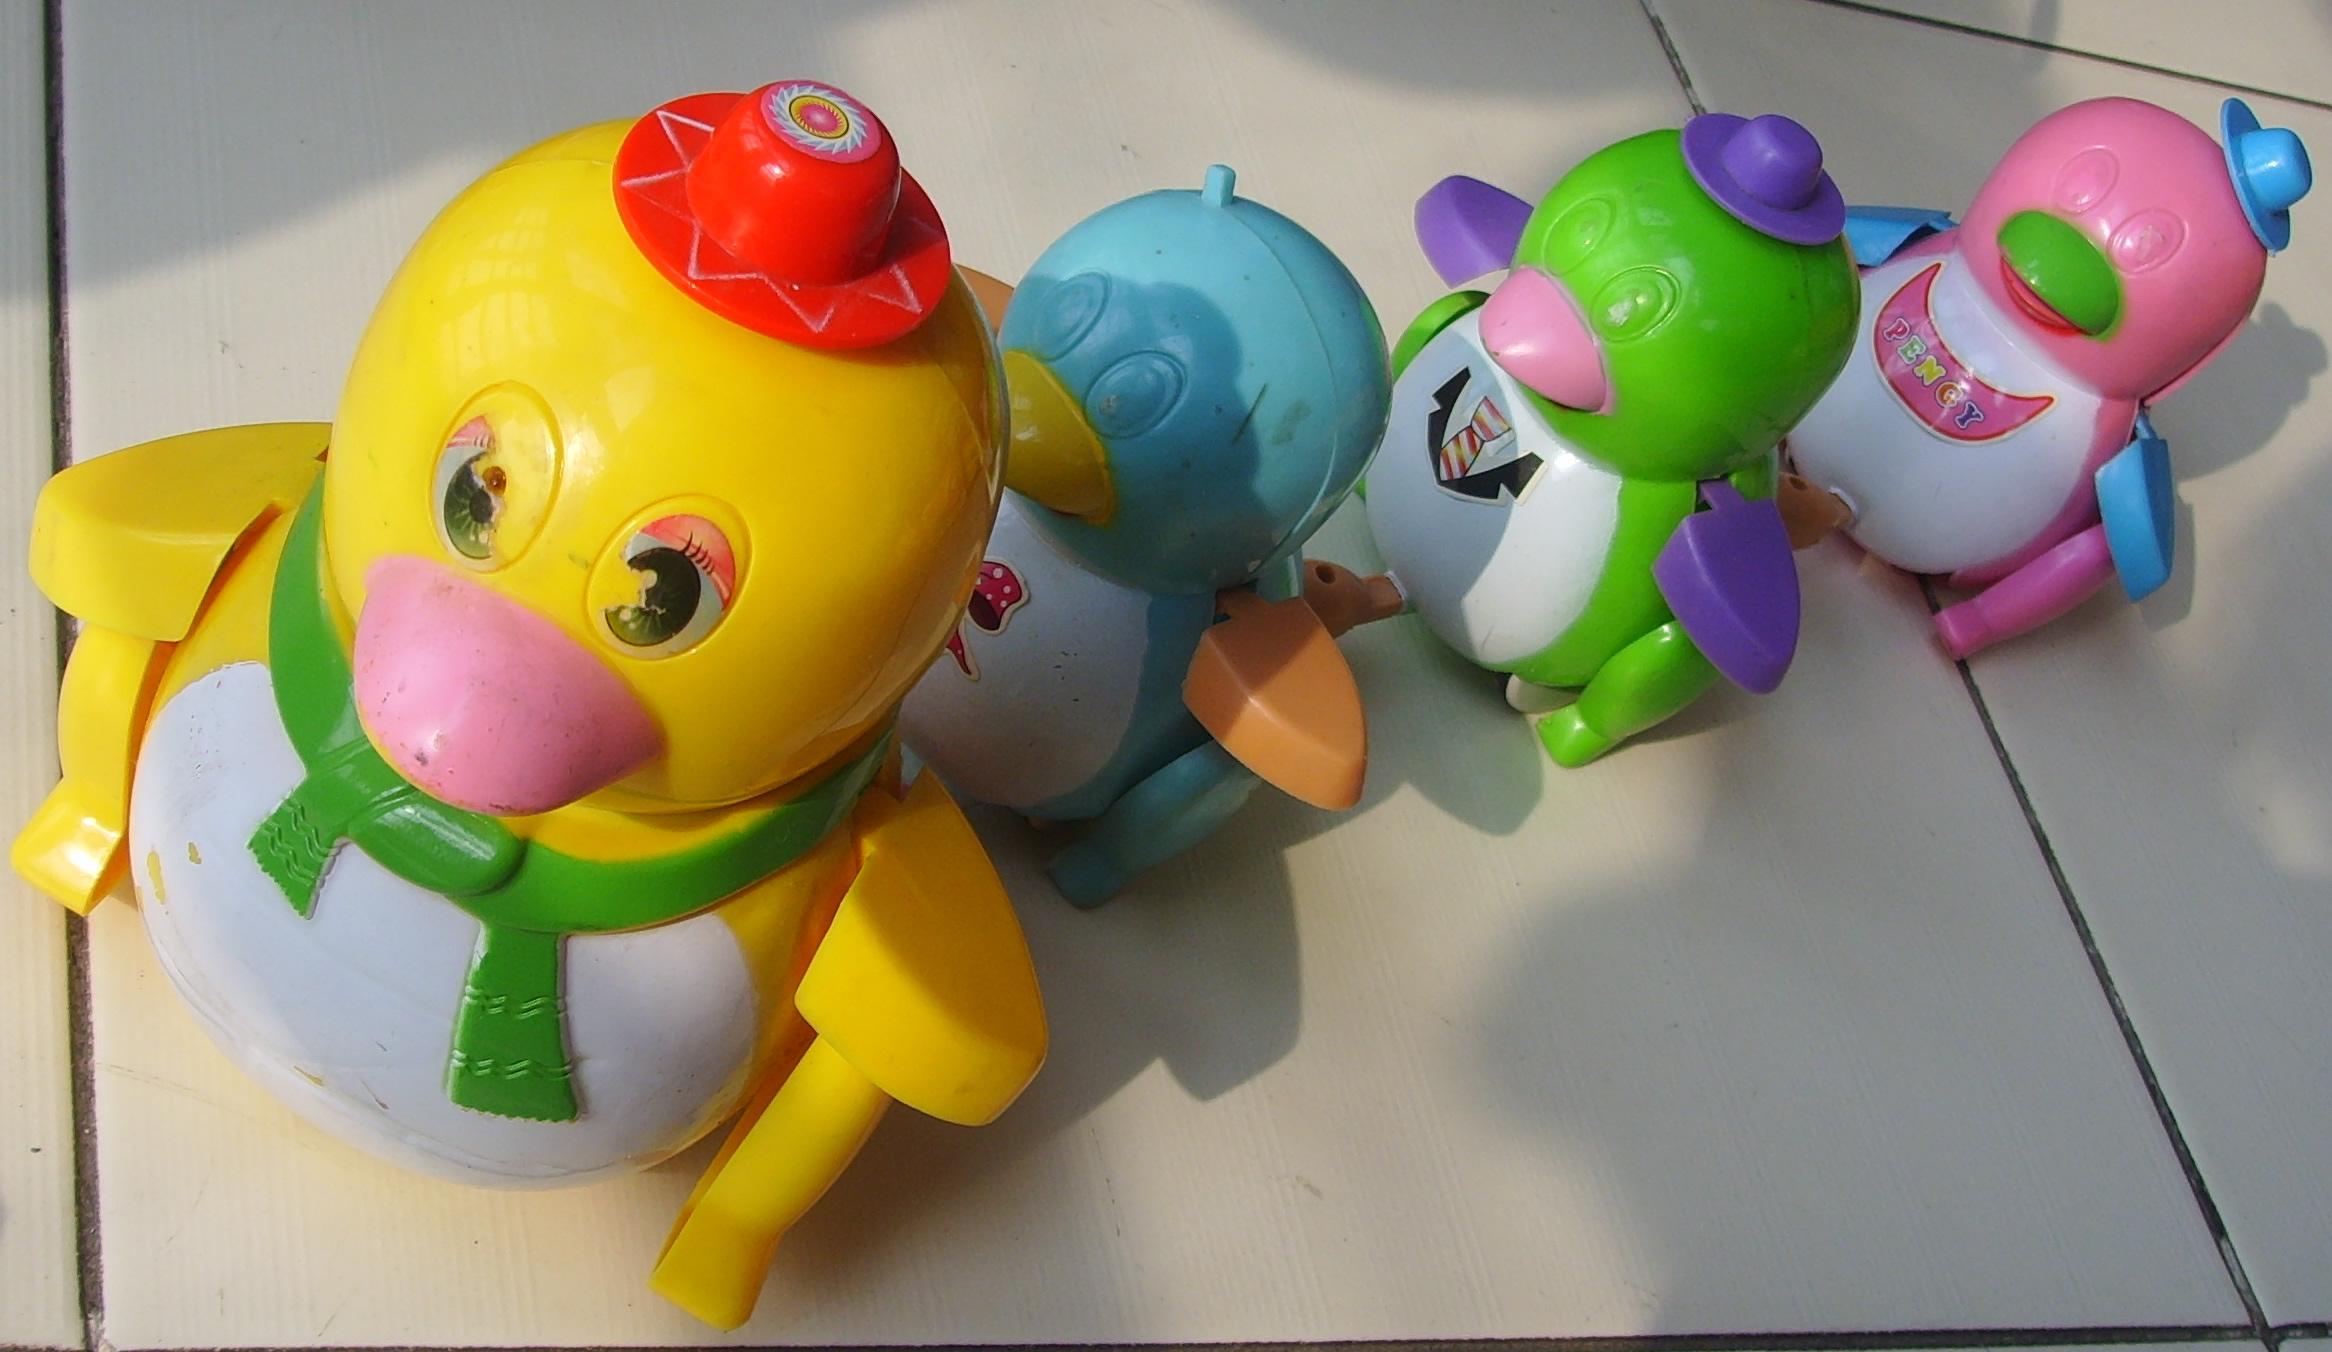 3,企鹅电动玩具